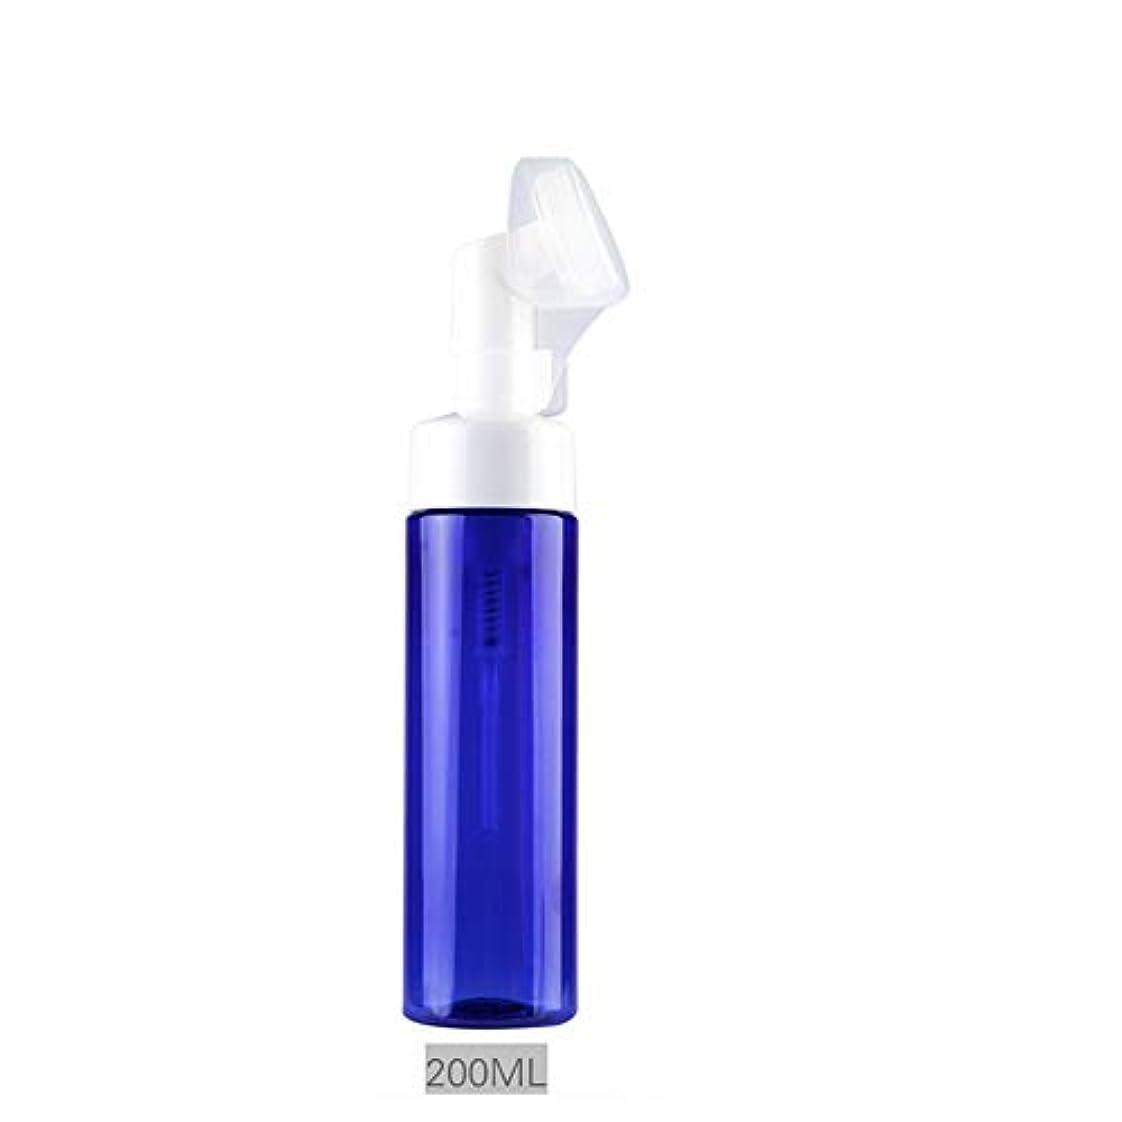 フルートフルート脇にXiton 泡ボトル 泡ポンプボトル 押すだけで泡が出る 安定感のある 詰め替え 詰替 泡ハンドソープ 全身石鹸 ボディソープ 洗顔フォーム ブラシ付き 200ML (ブルー)